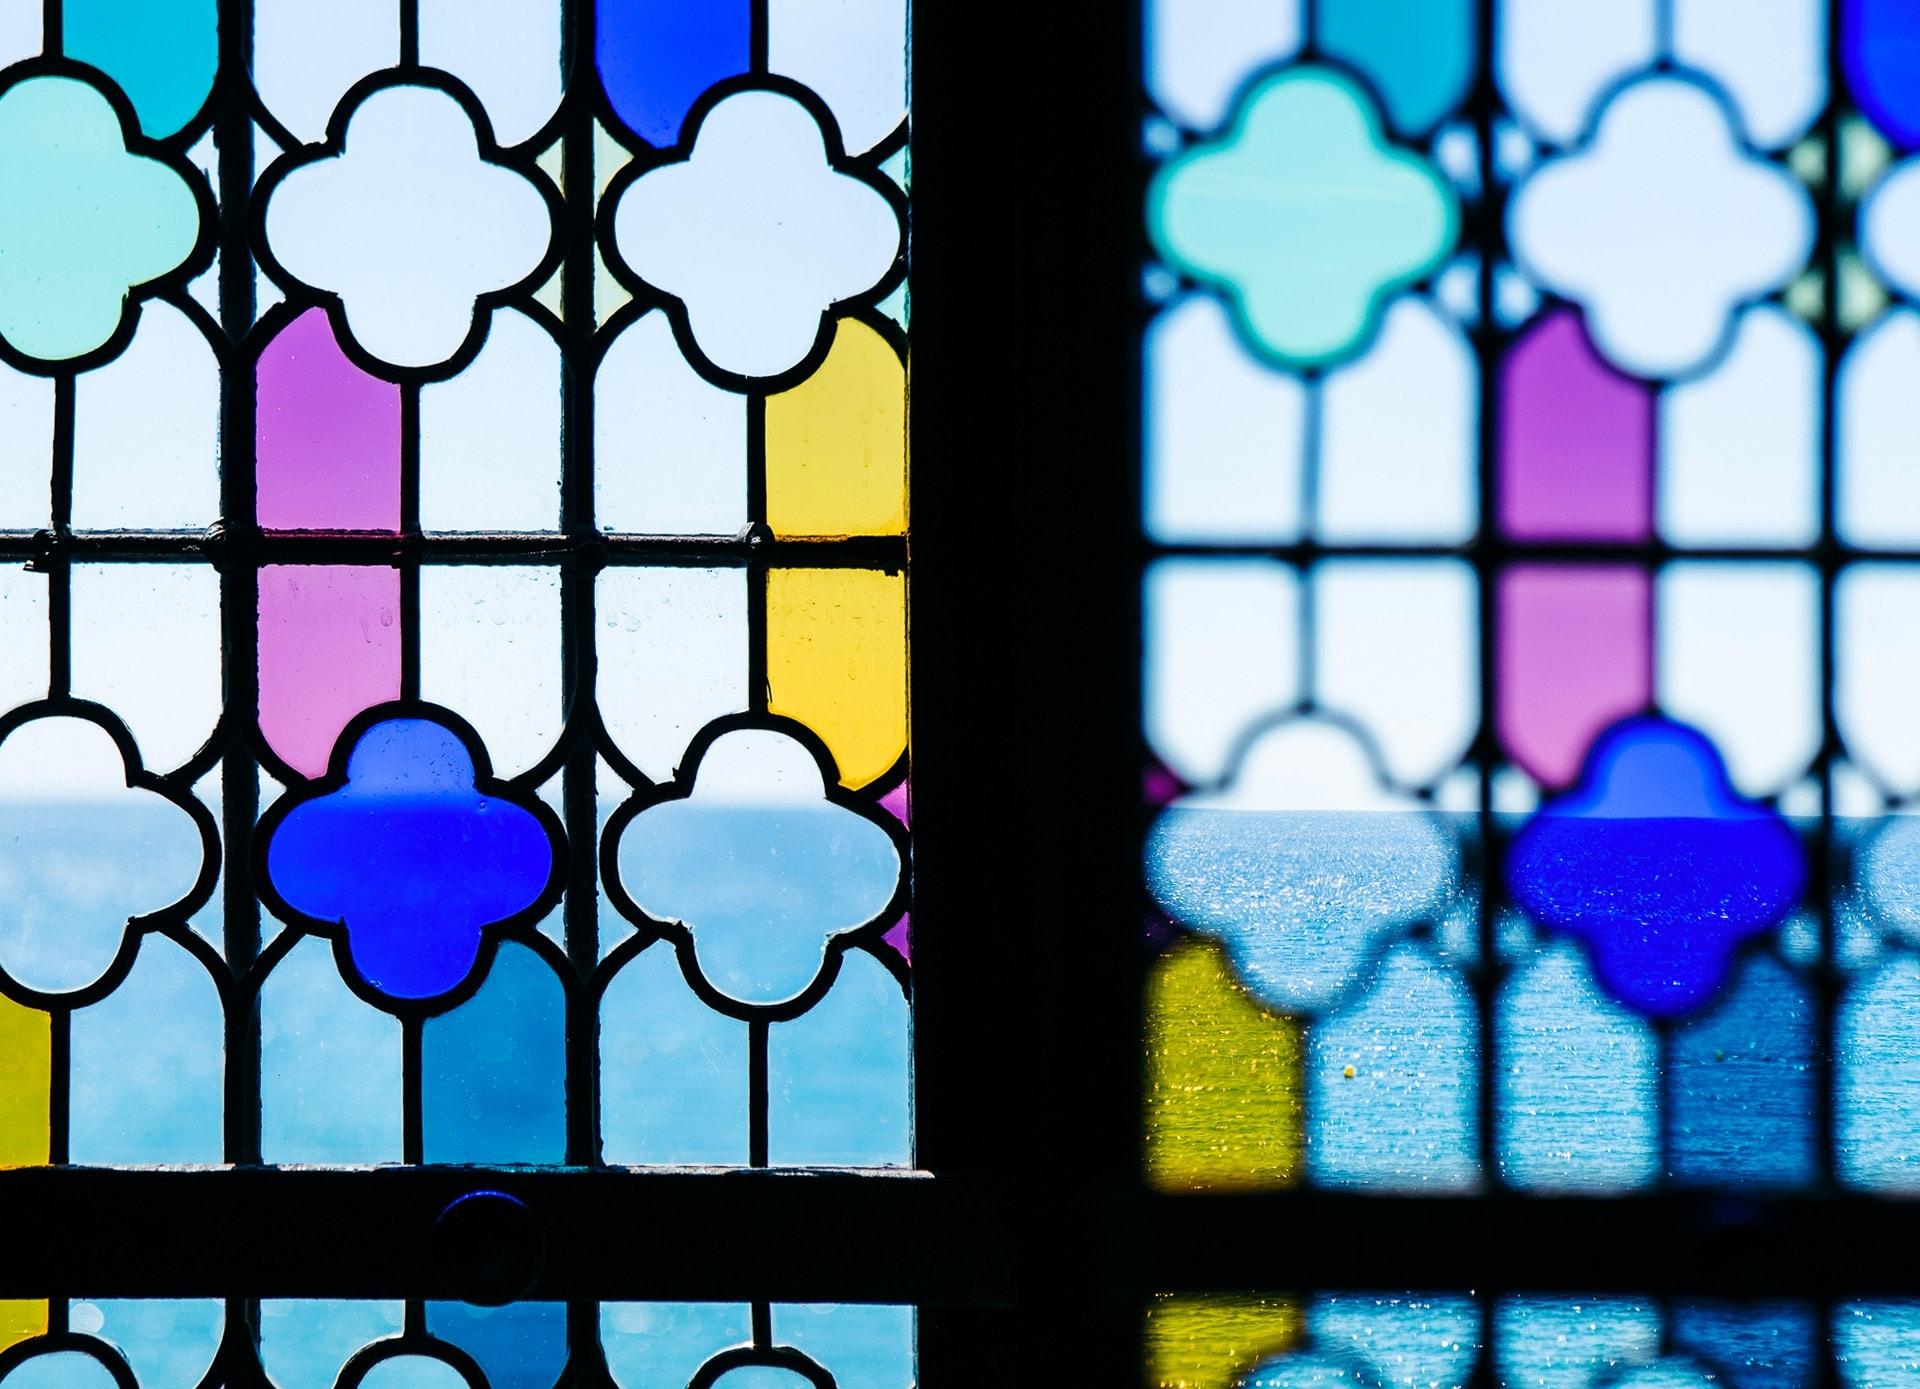 Vitraux des fenêtres du château de la napoule